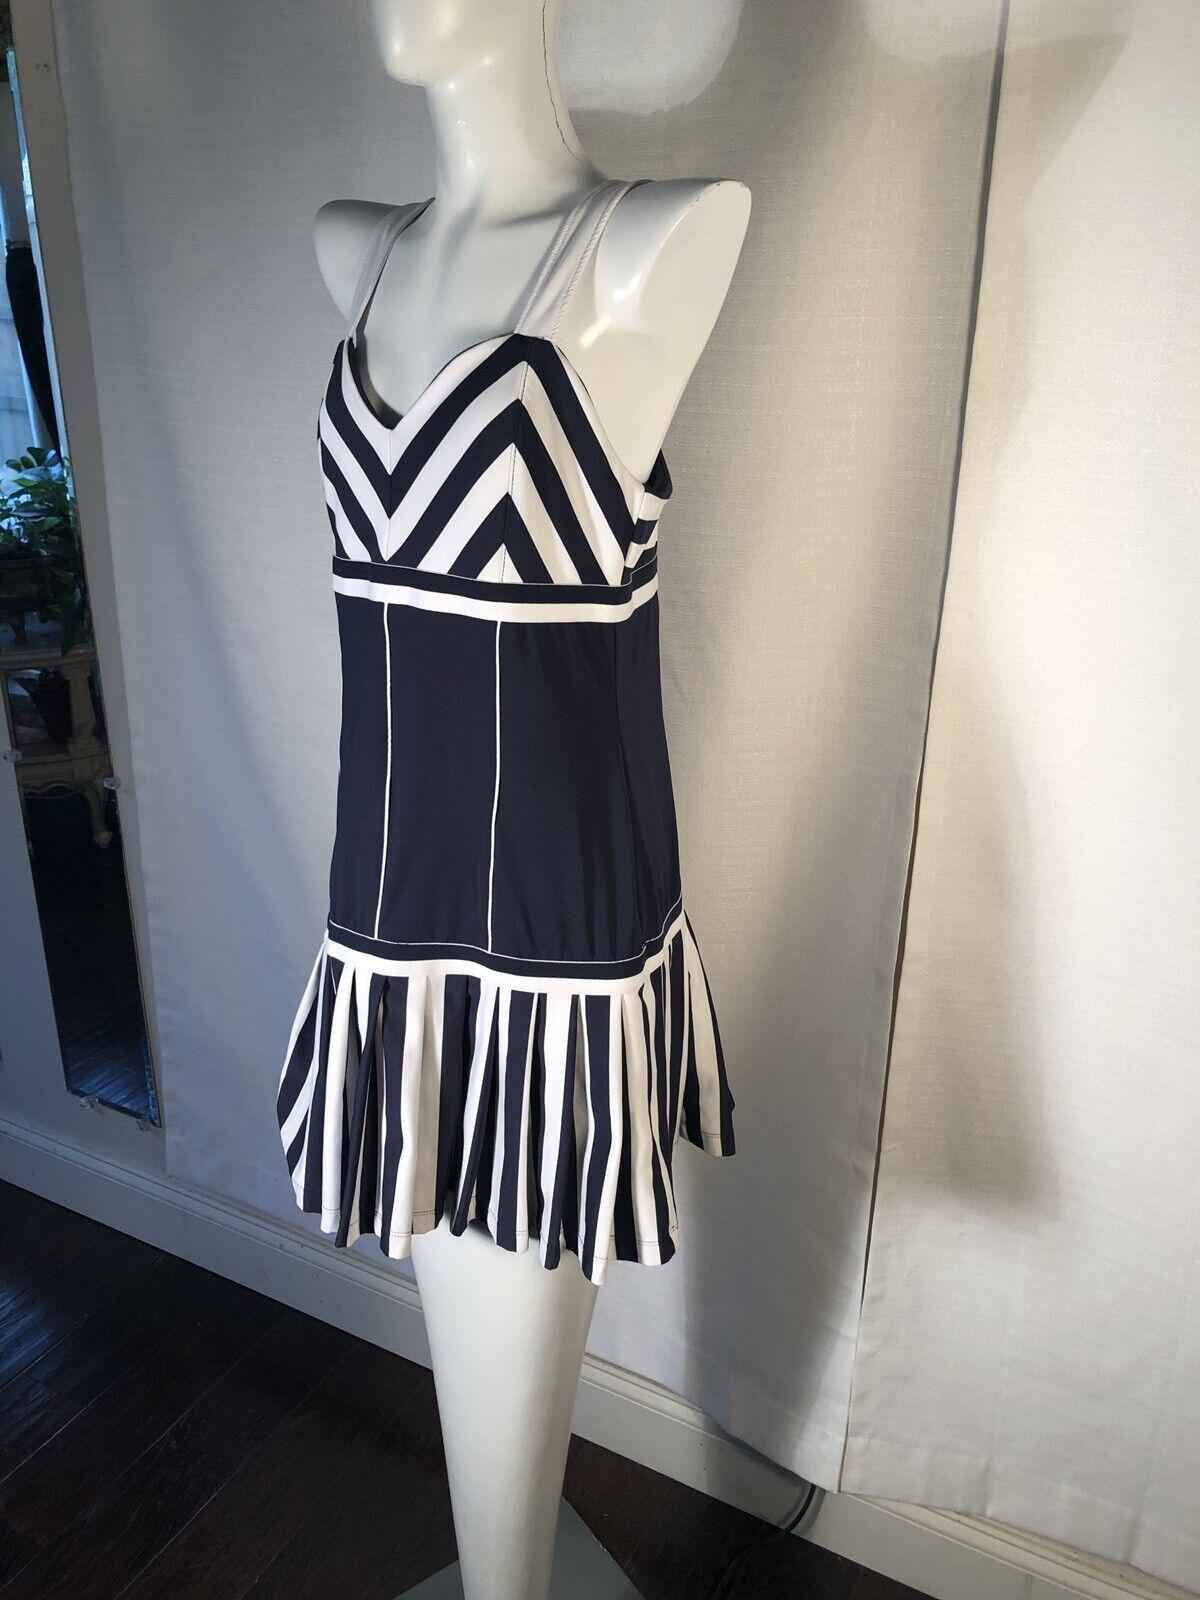 Fila Mordern X Ginny Hilfiger Tennis Dress Size Small